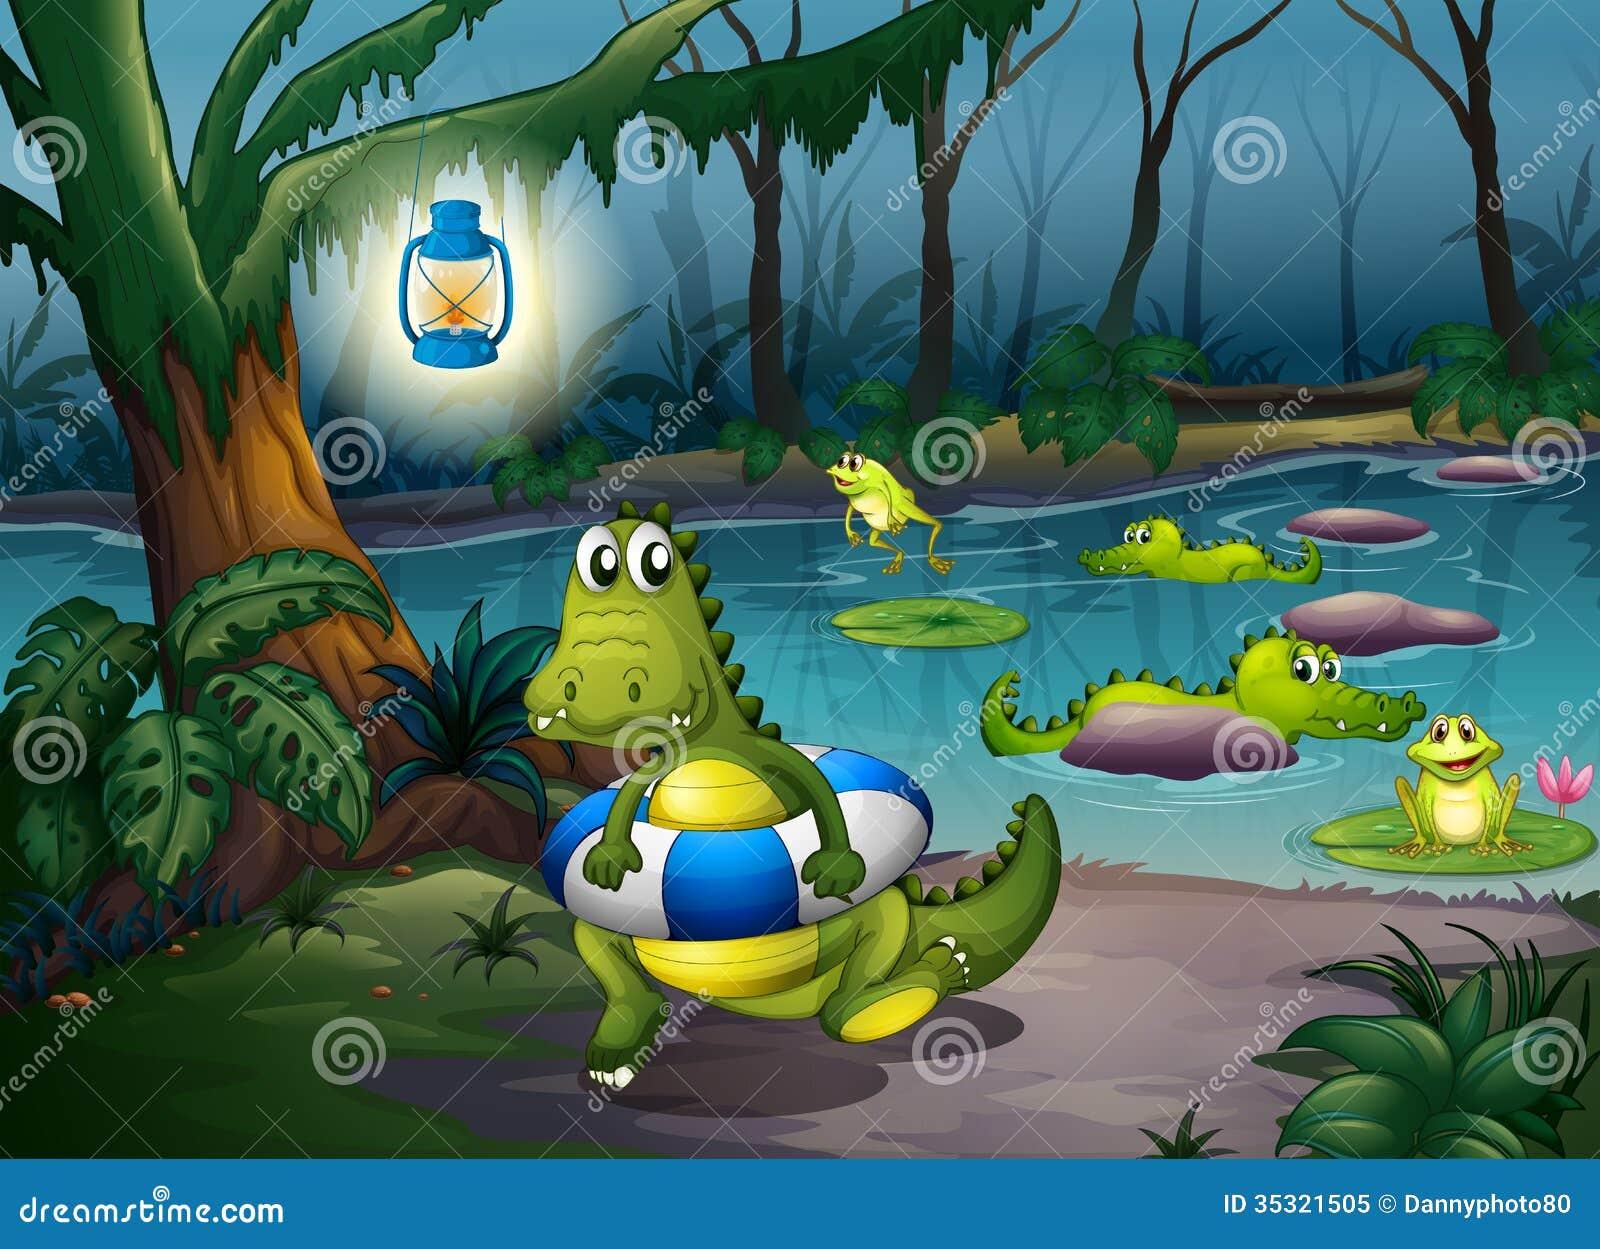 Alligators bij de vijver in het bos